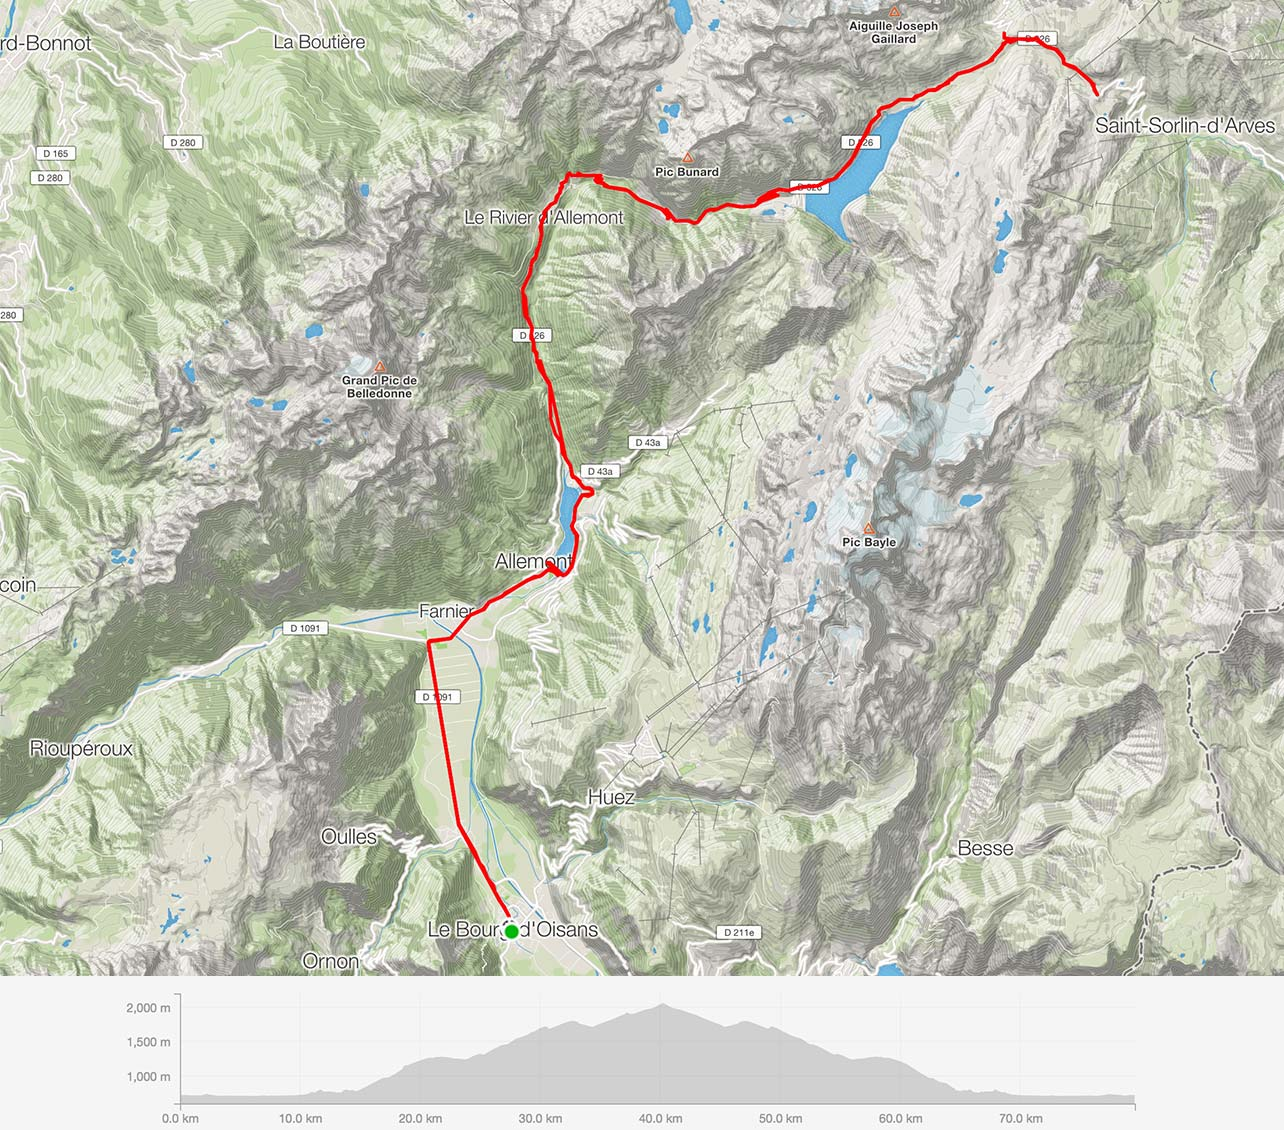 Tour 1 – Col du Glandon, Col de la Croix de Fer